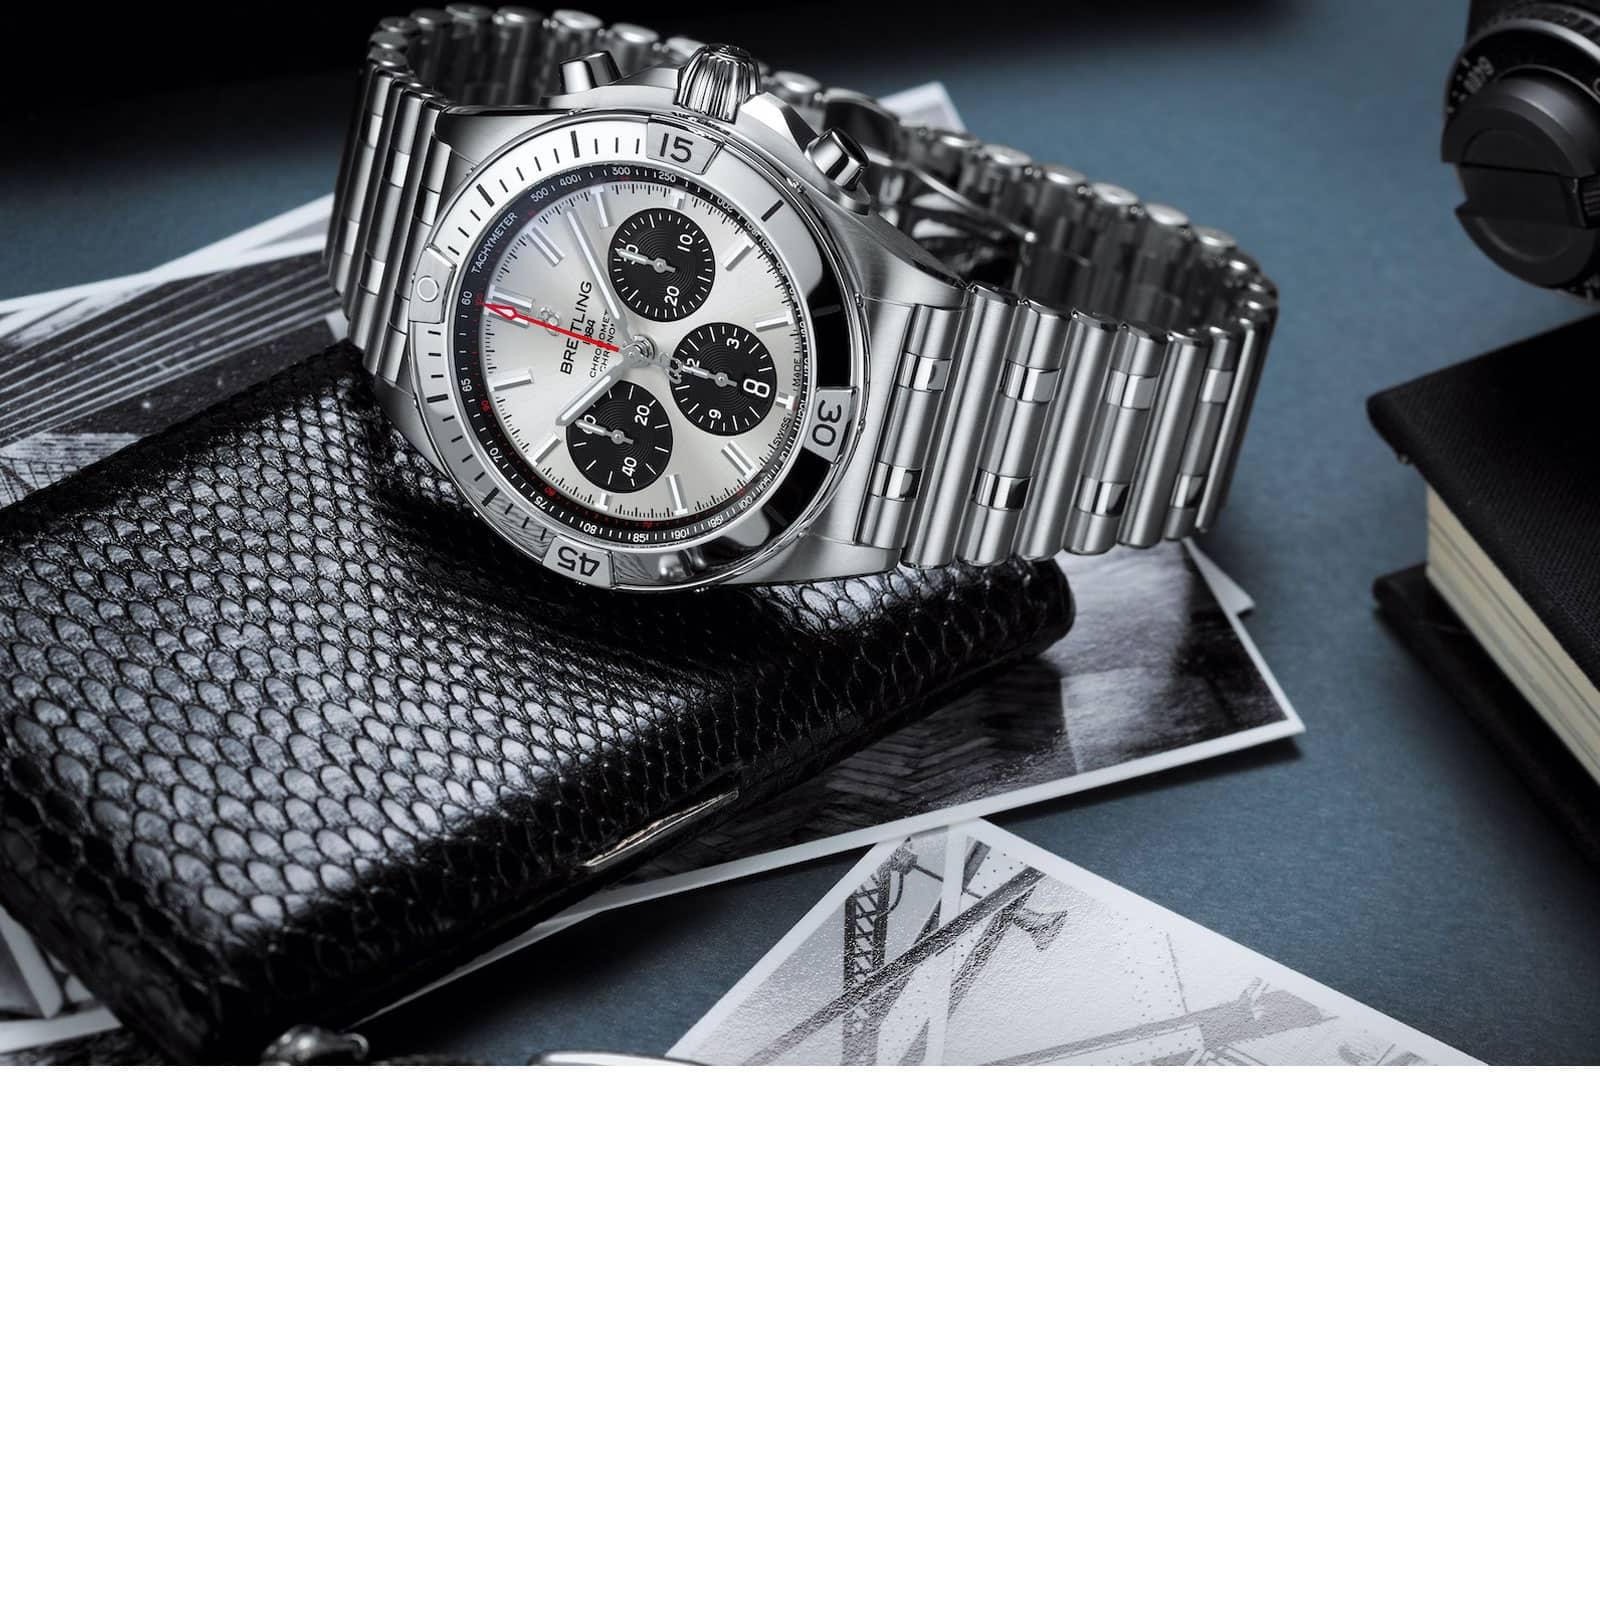 Montre-Breitling-Chronomat-fond-Lionel-Meylan-horlogerie-joaillerie-Vevey.jpg